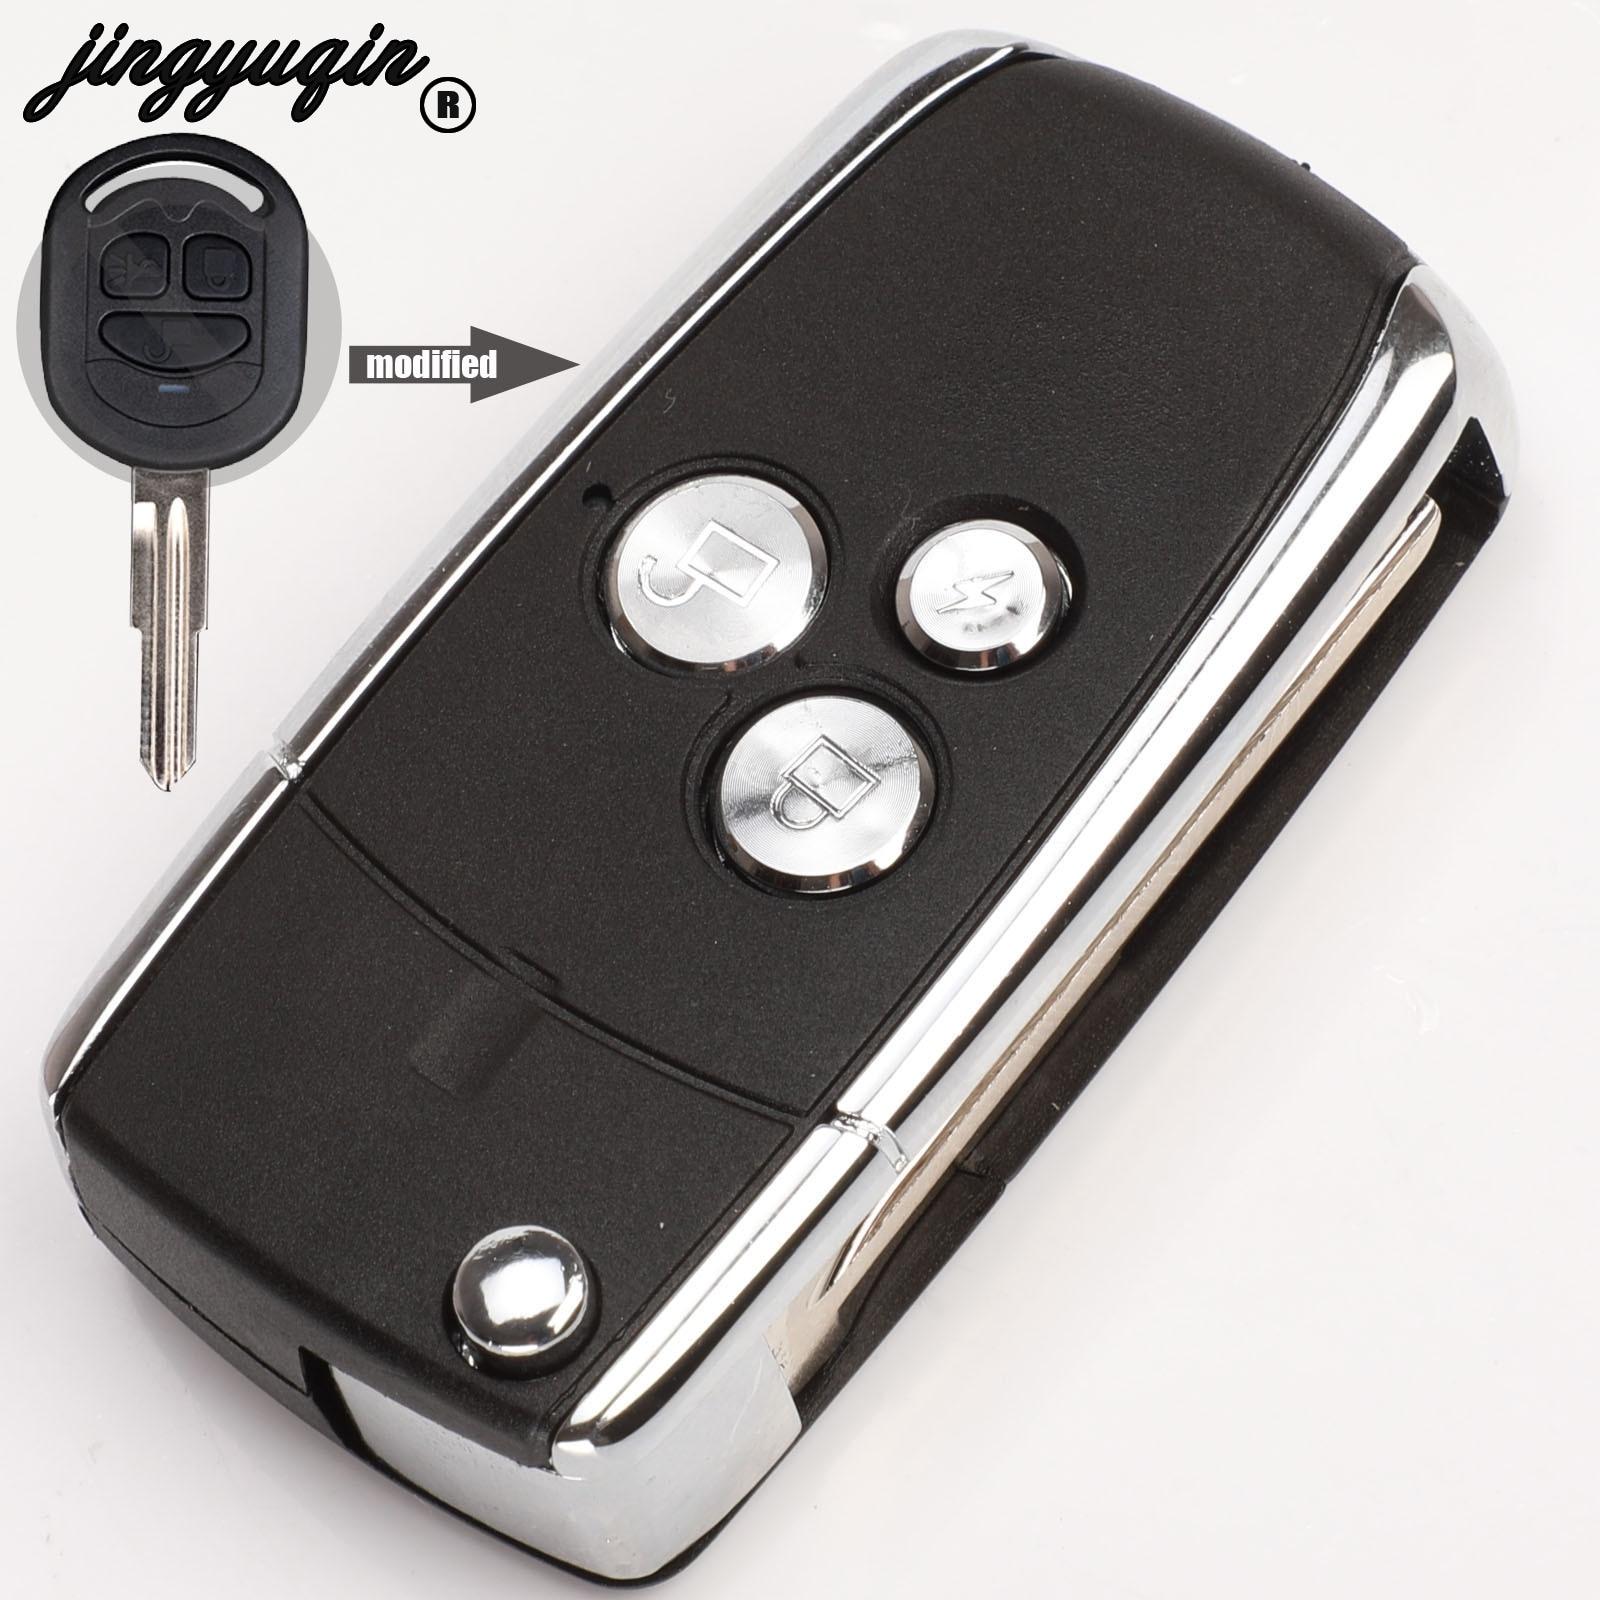 Jingyuqin 4b substituição modificado flip dobrável remoto chave caso escudo para buick excelle hrv fob chave capa